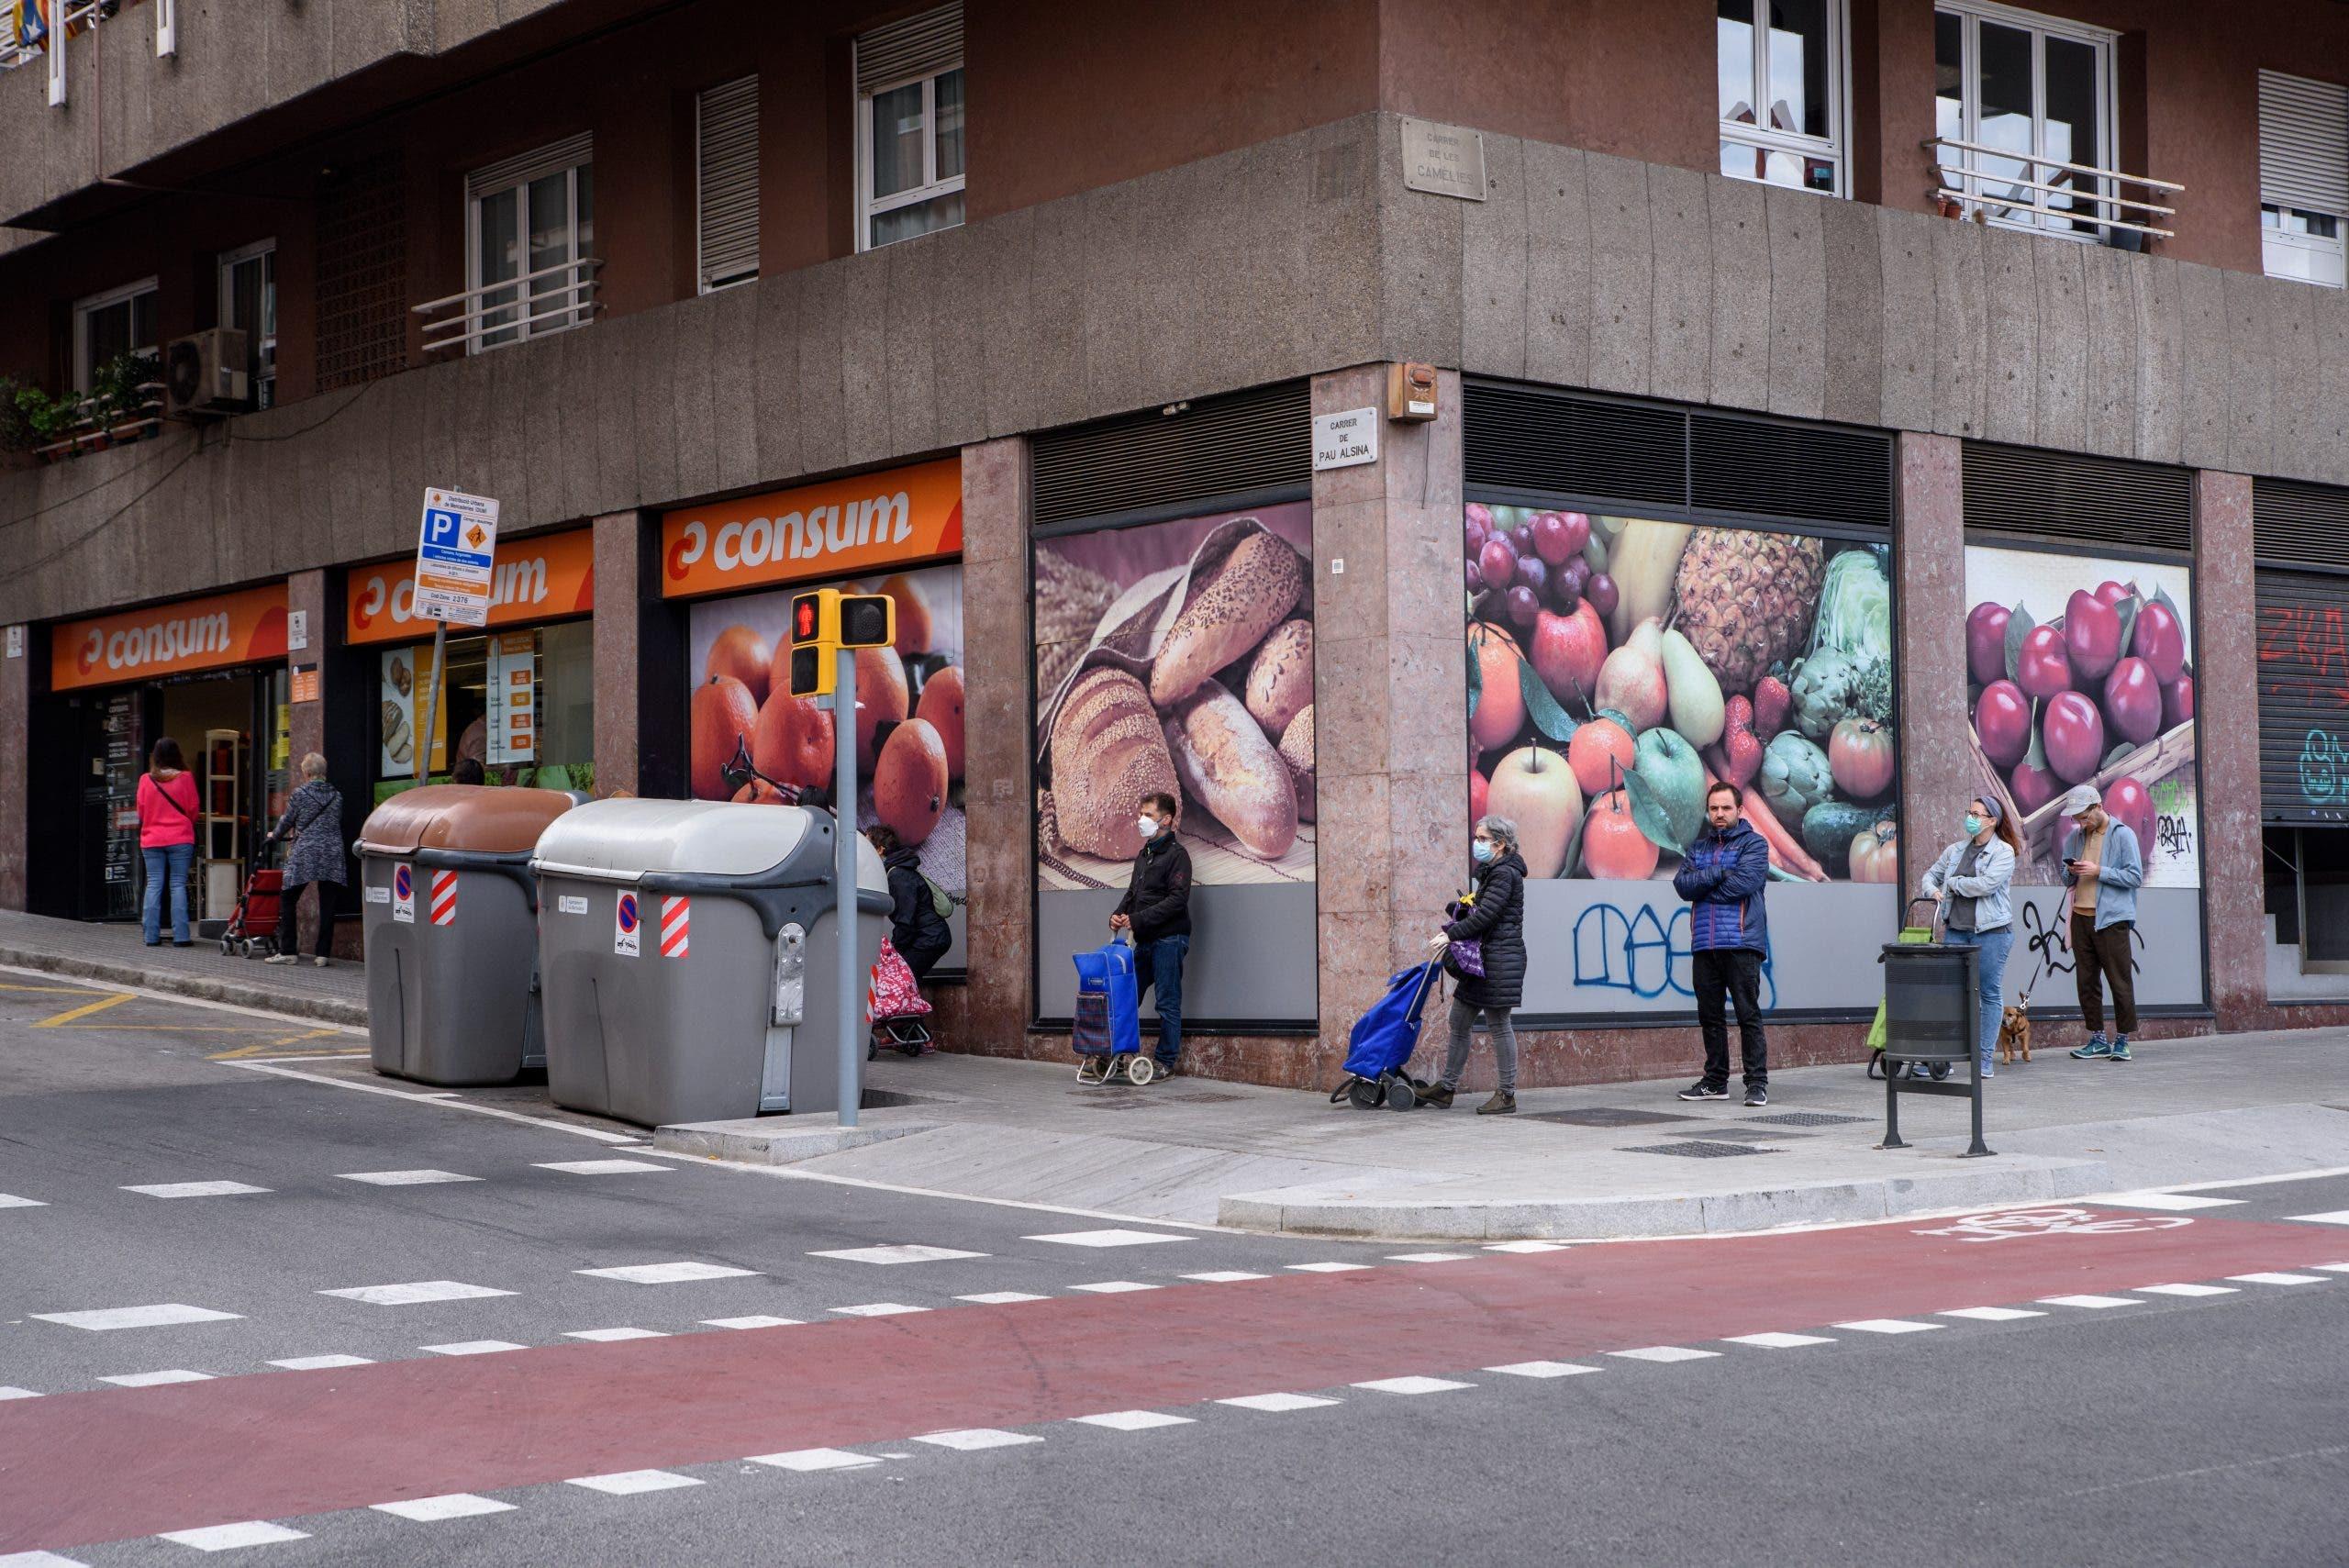 Supermarket Queue In Guinardo District